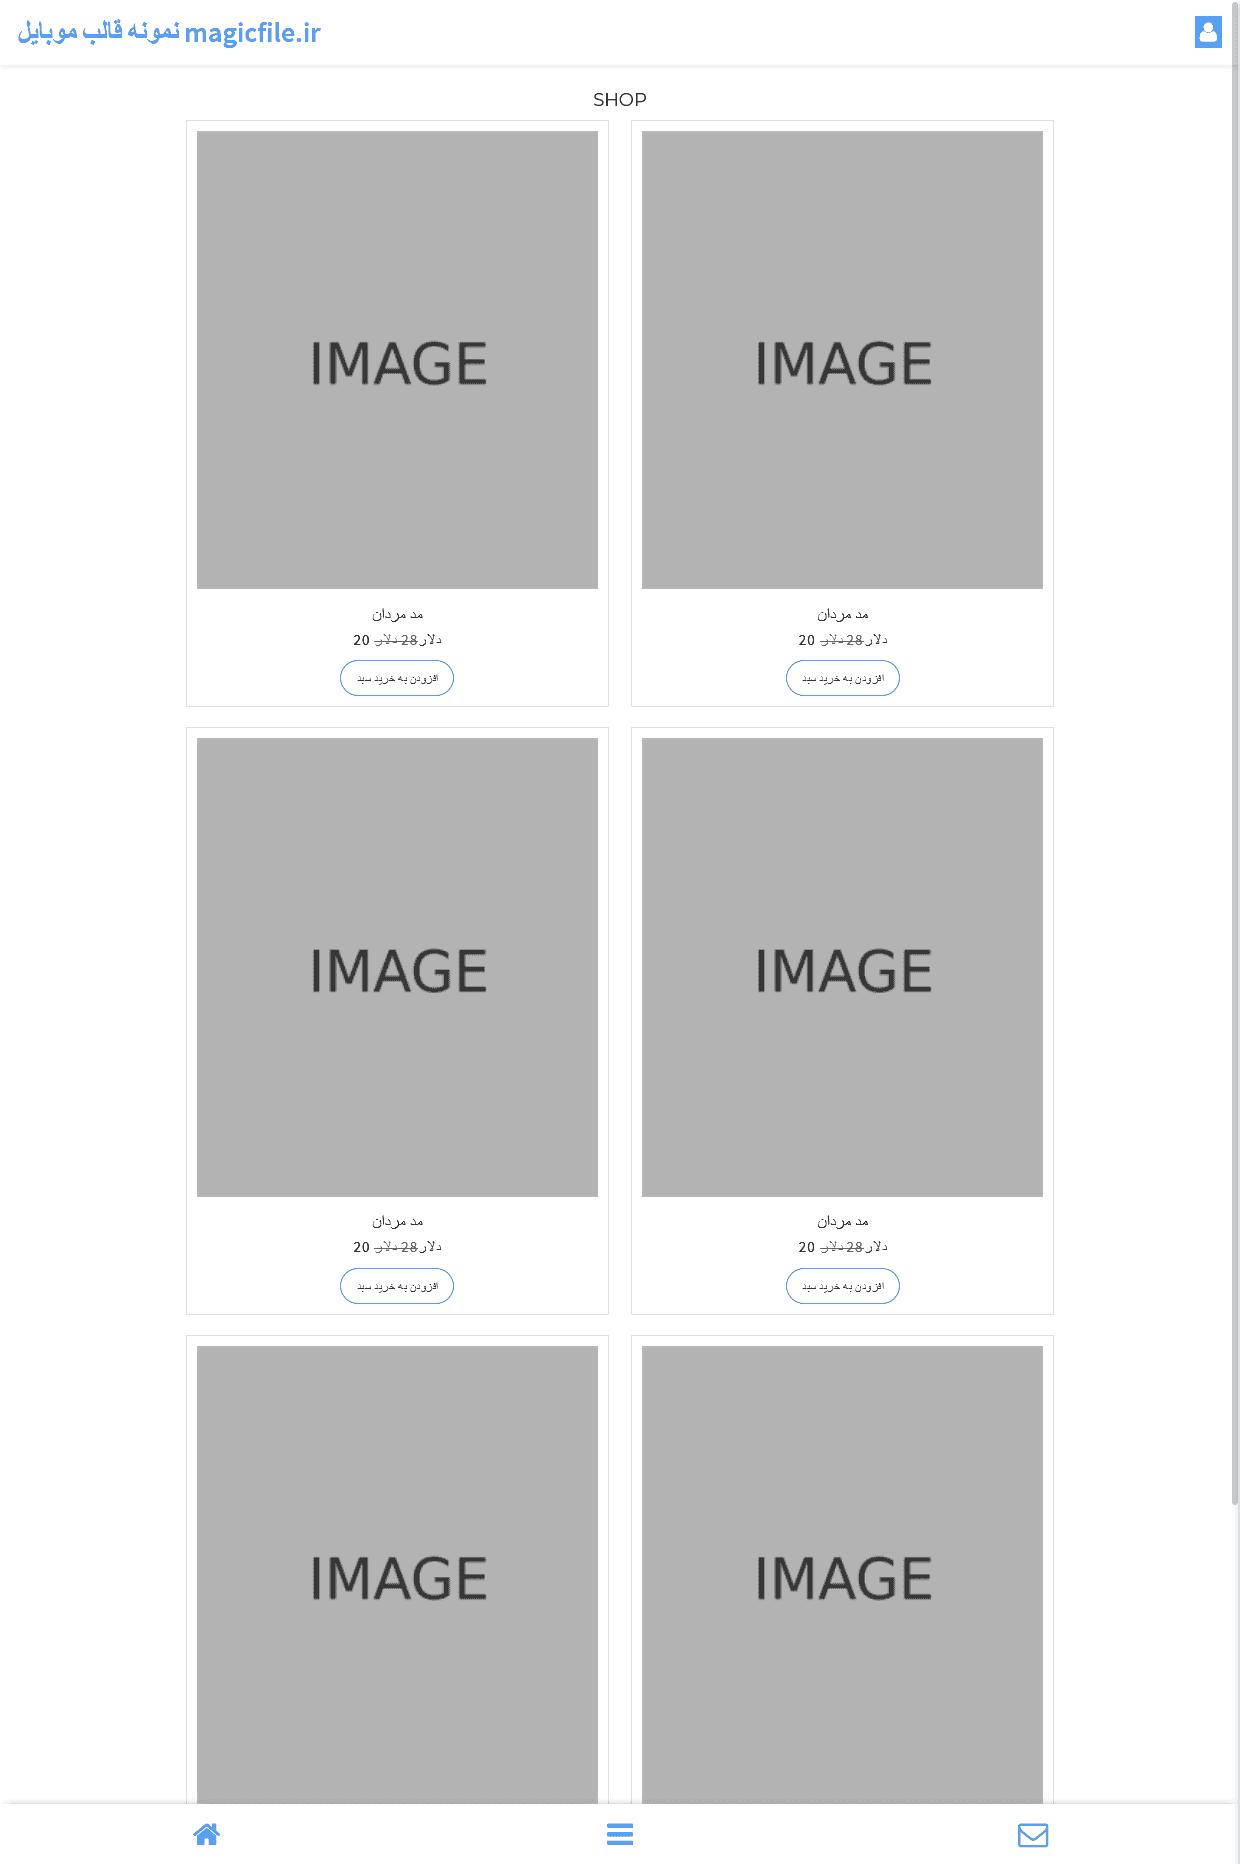 نمونهقالب موبایل بصورت html 3